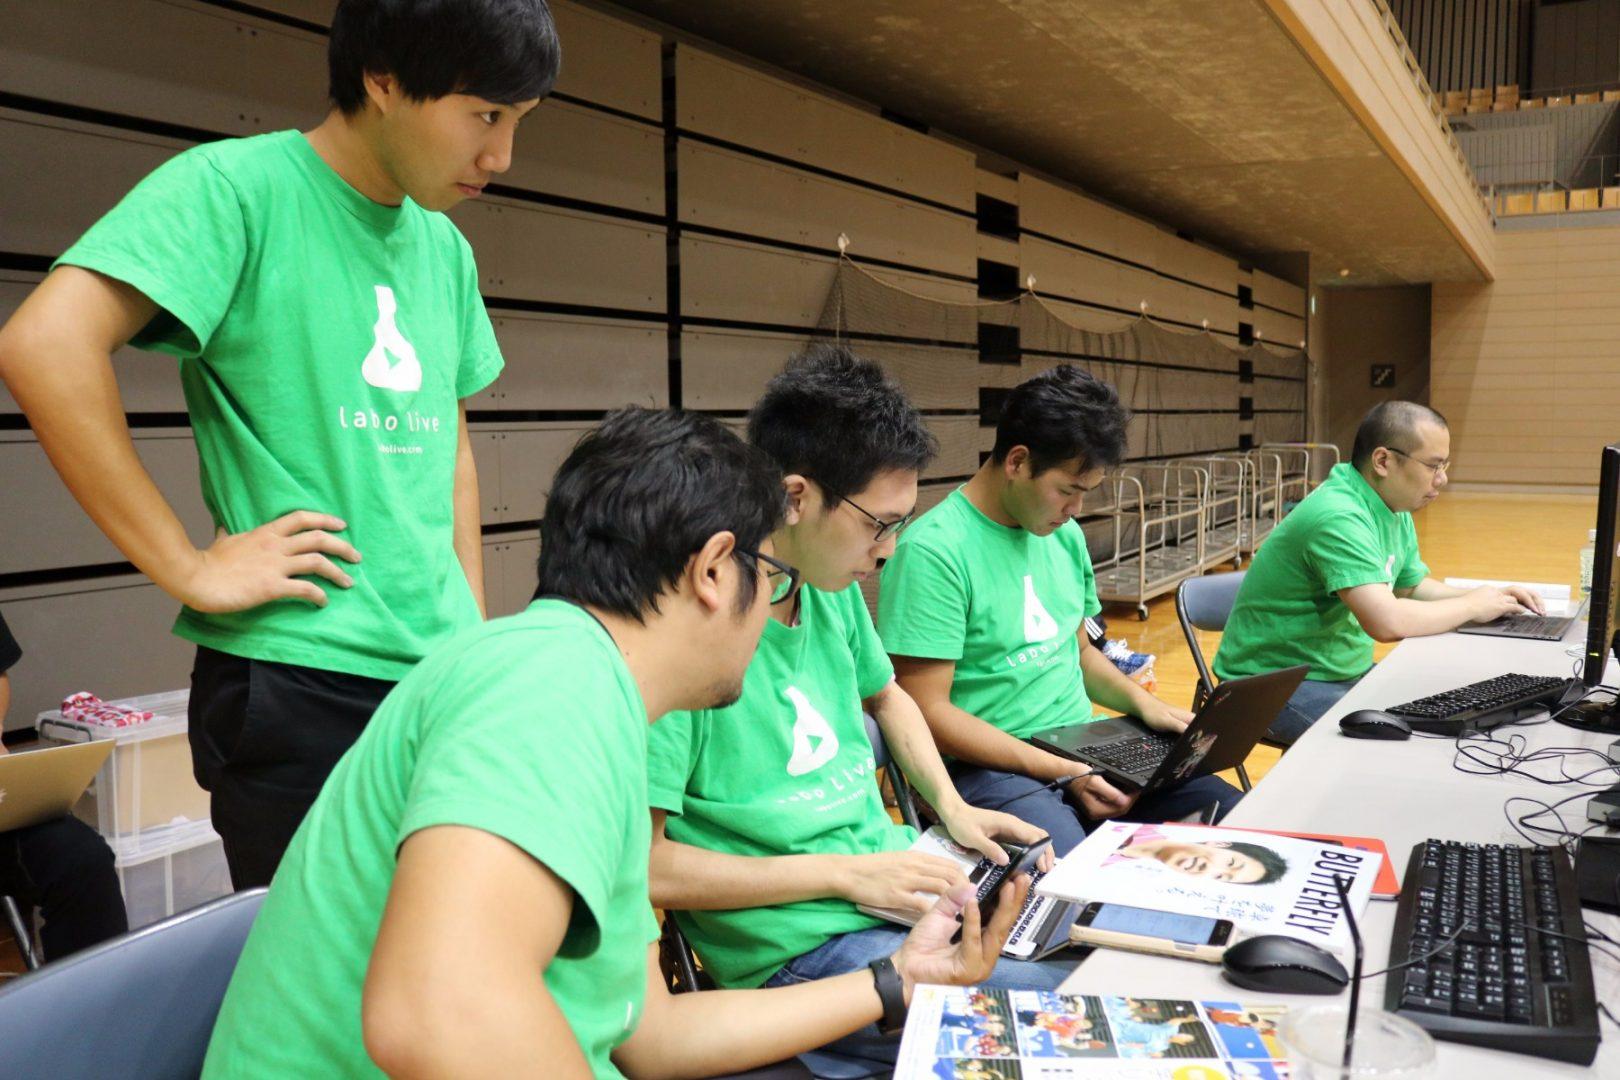 「緑の技術者集団」ラボライブの1日に密着